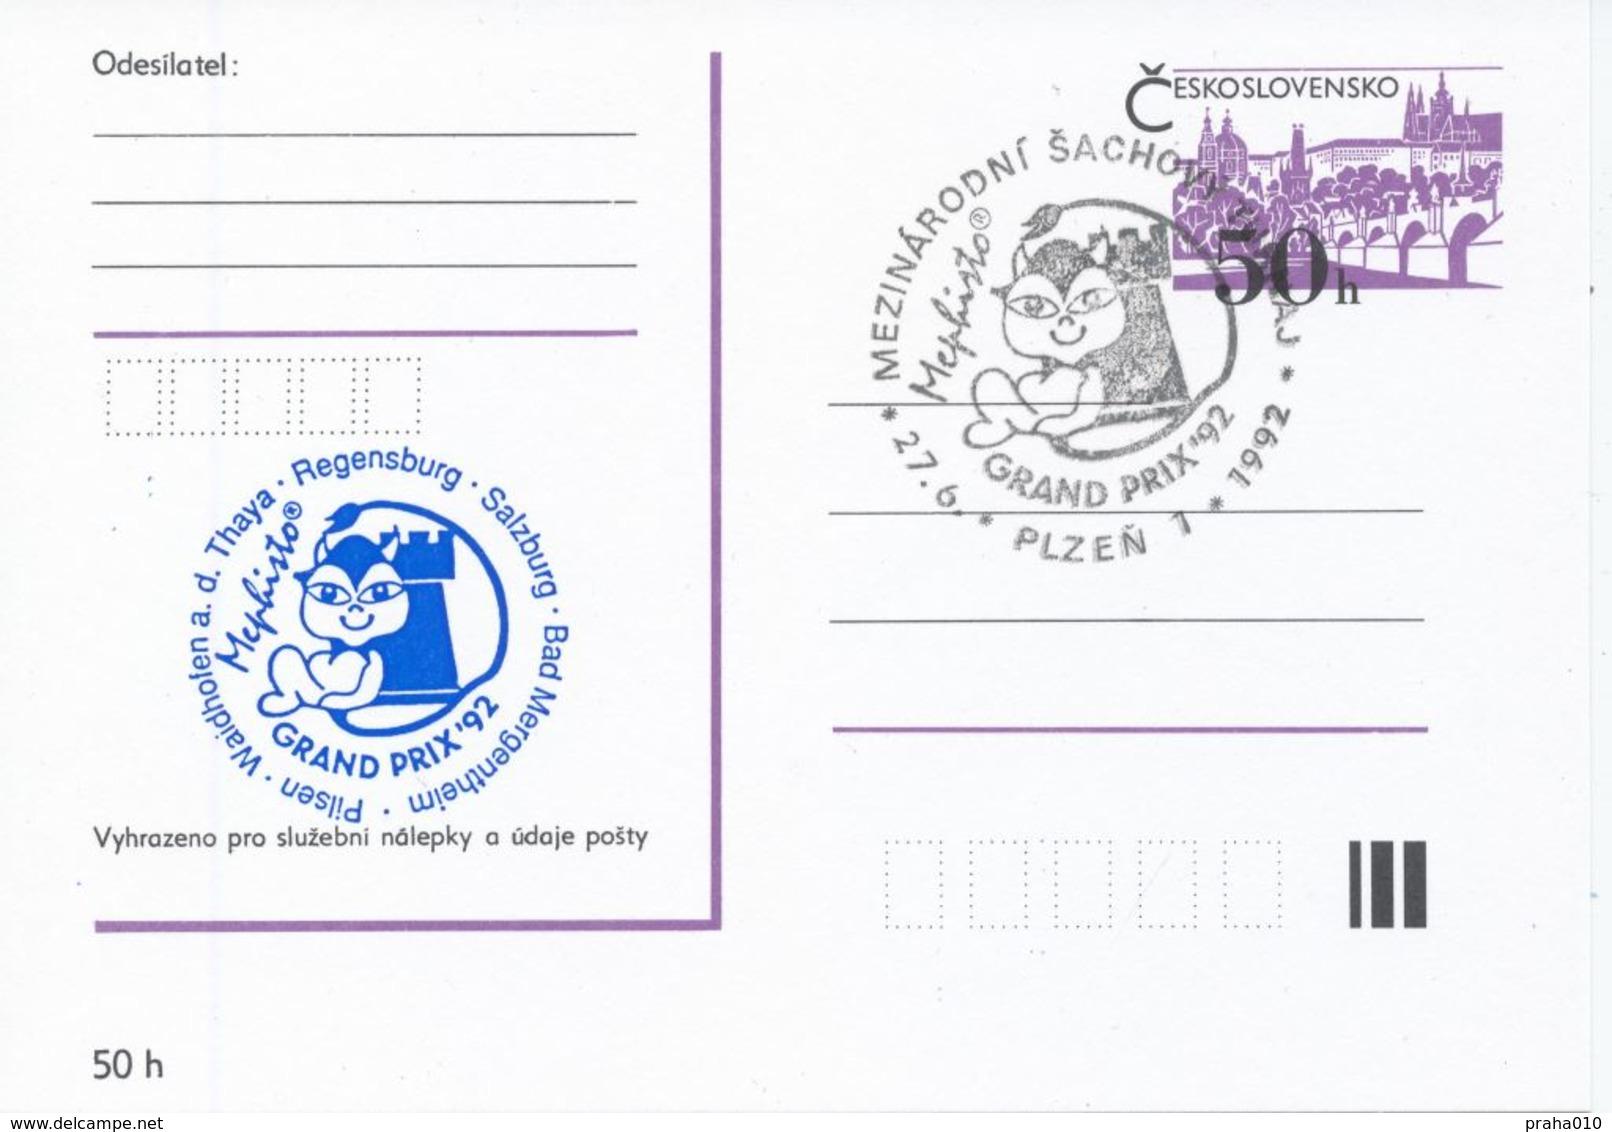 J0880 - Cecoslovacchia / Interi Postali (1992) Plzen 1: Torneo Internazionale Di Scacchi Mephisto GRAND PRIX '92 (blu) - Scacchi